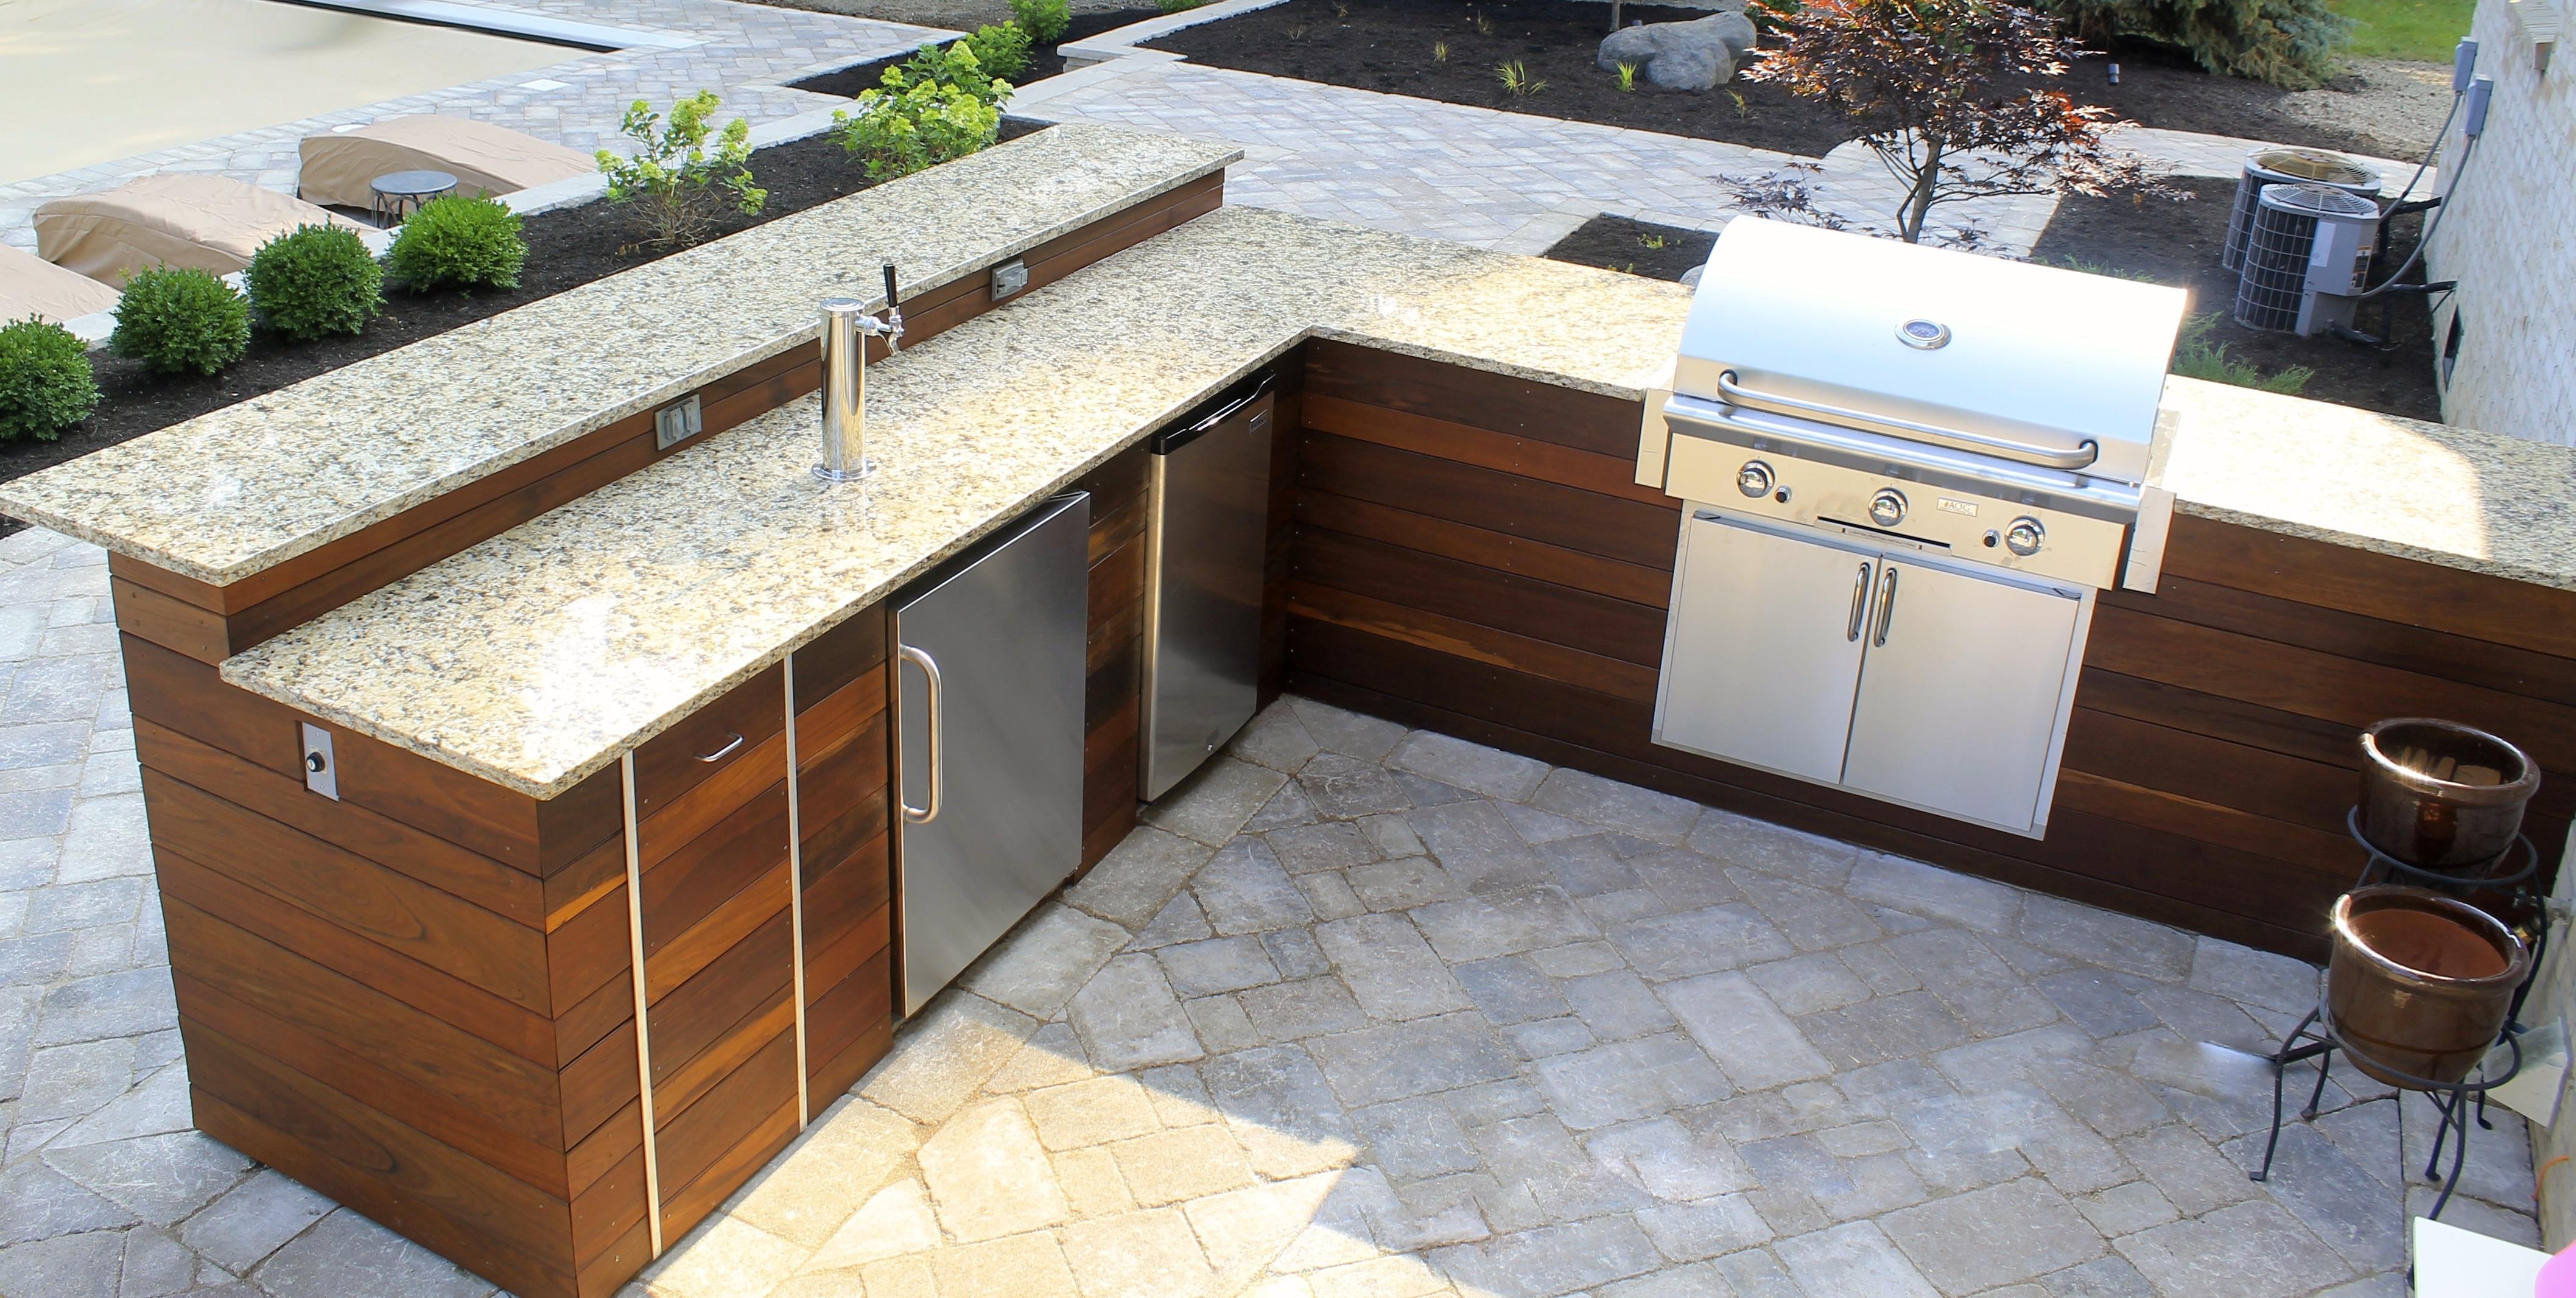 Weber Outdoor Küche Deutschland : Weber grill in outdoor küche integrieren outdoorküche gemauert mit